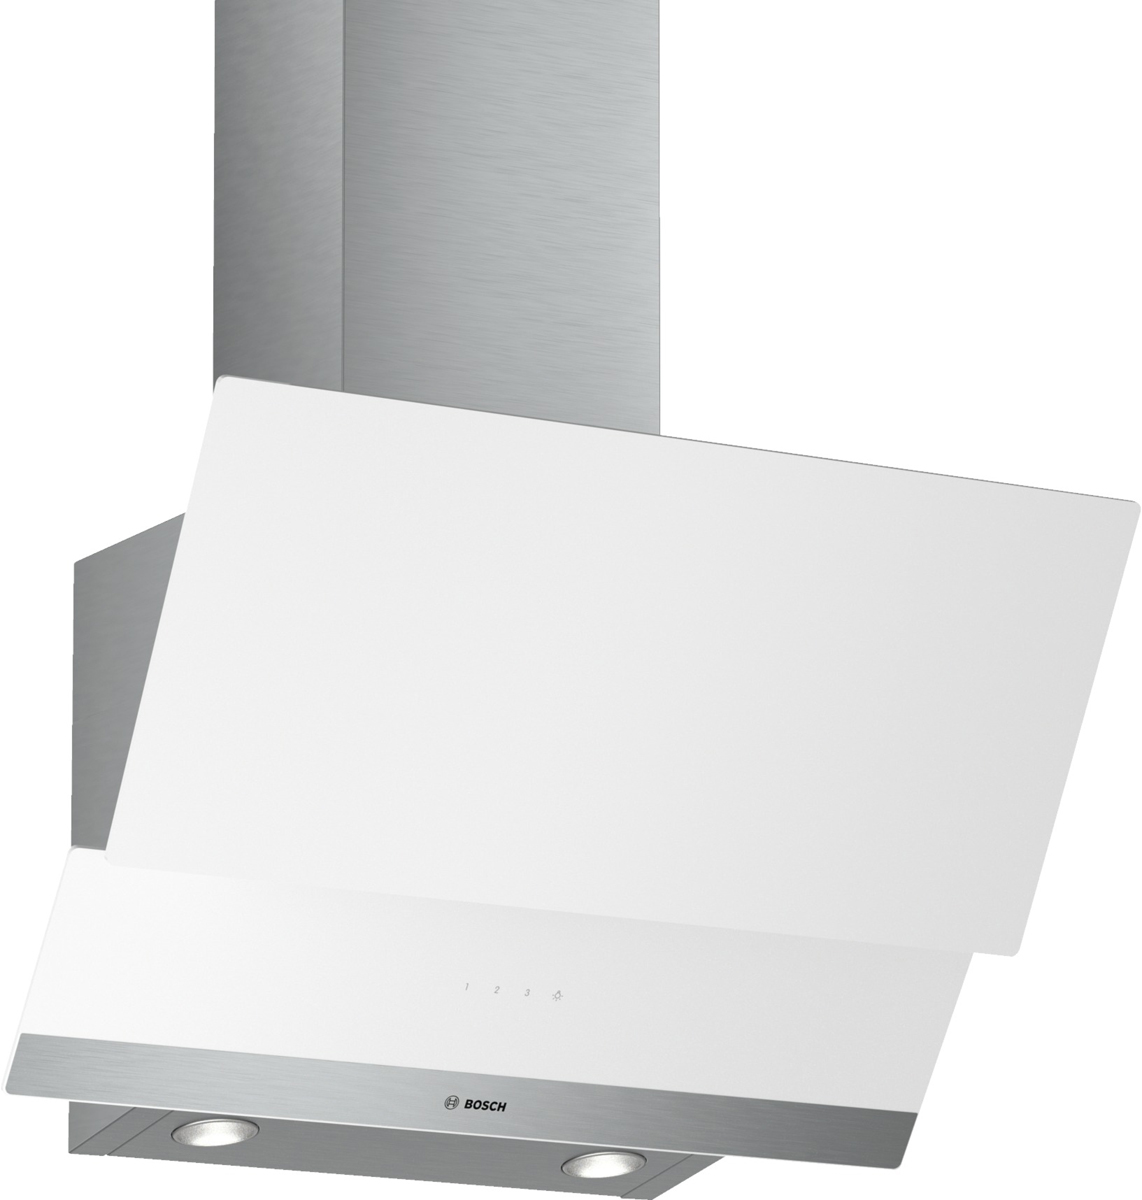 Вытяжка Bosch, со стеклом, DWK 065 G 20 R